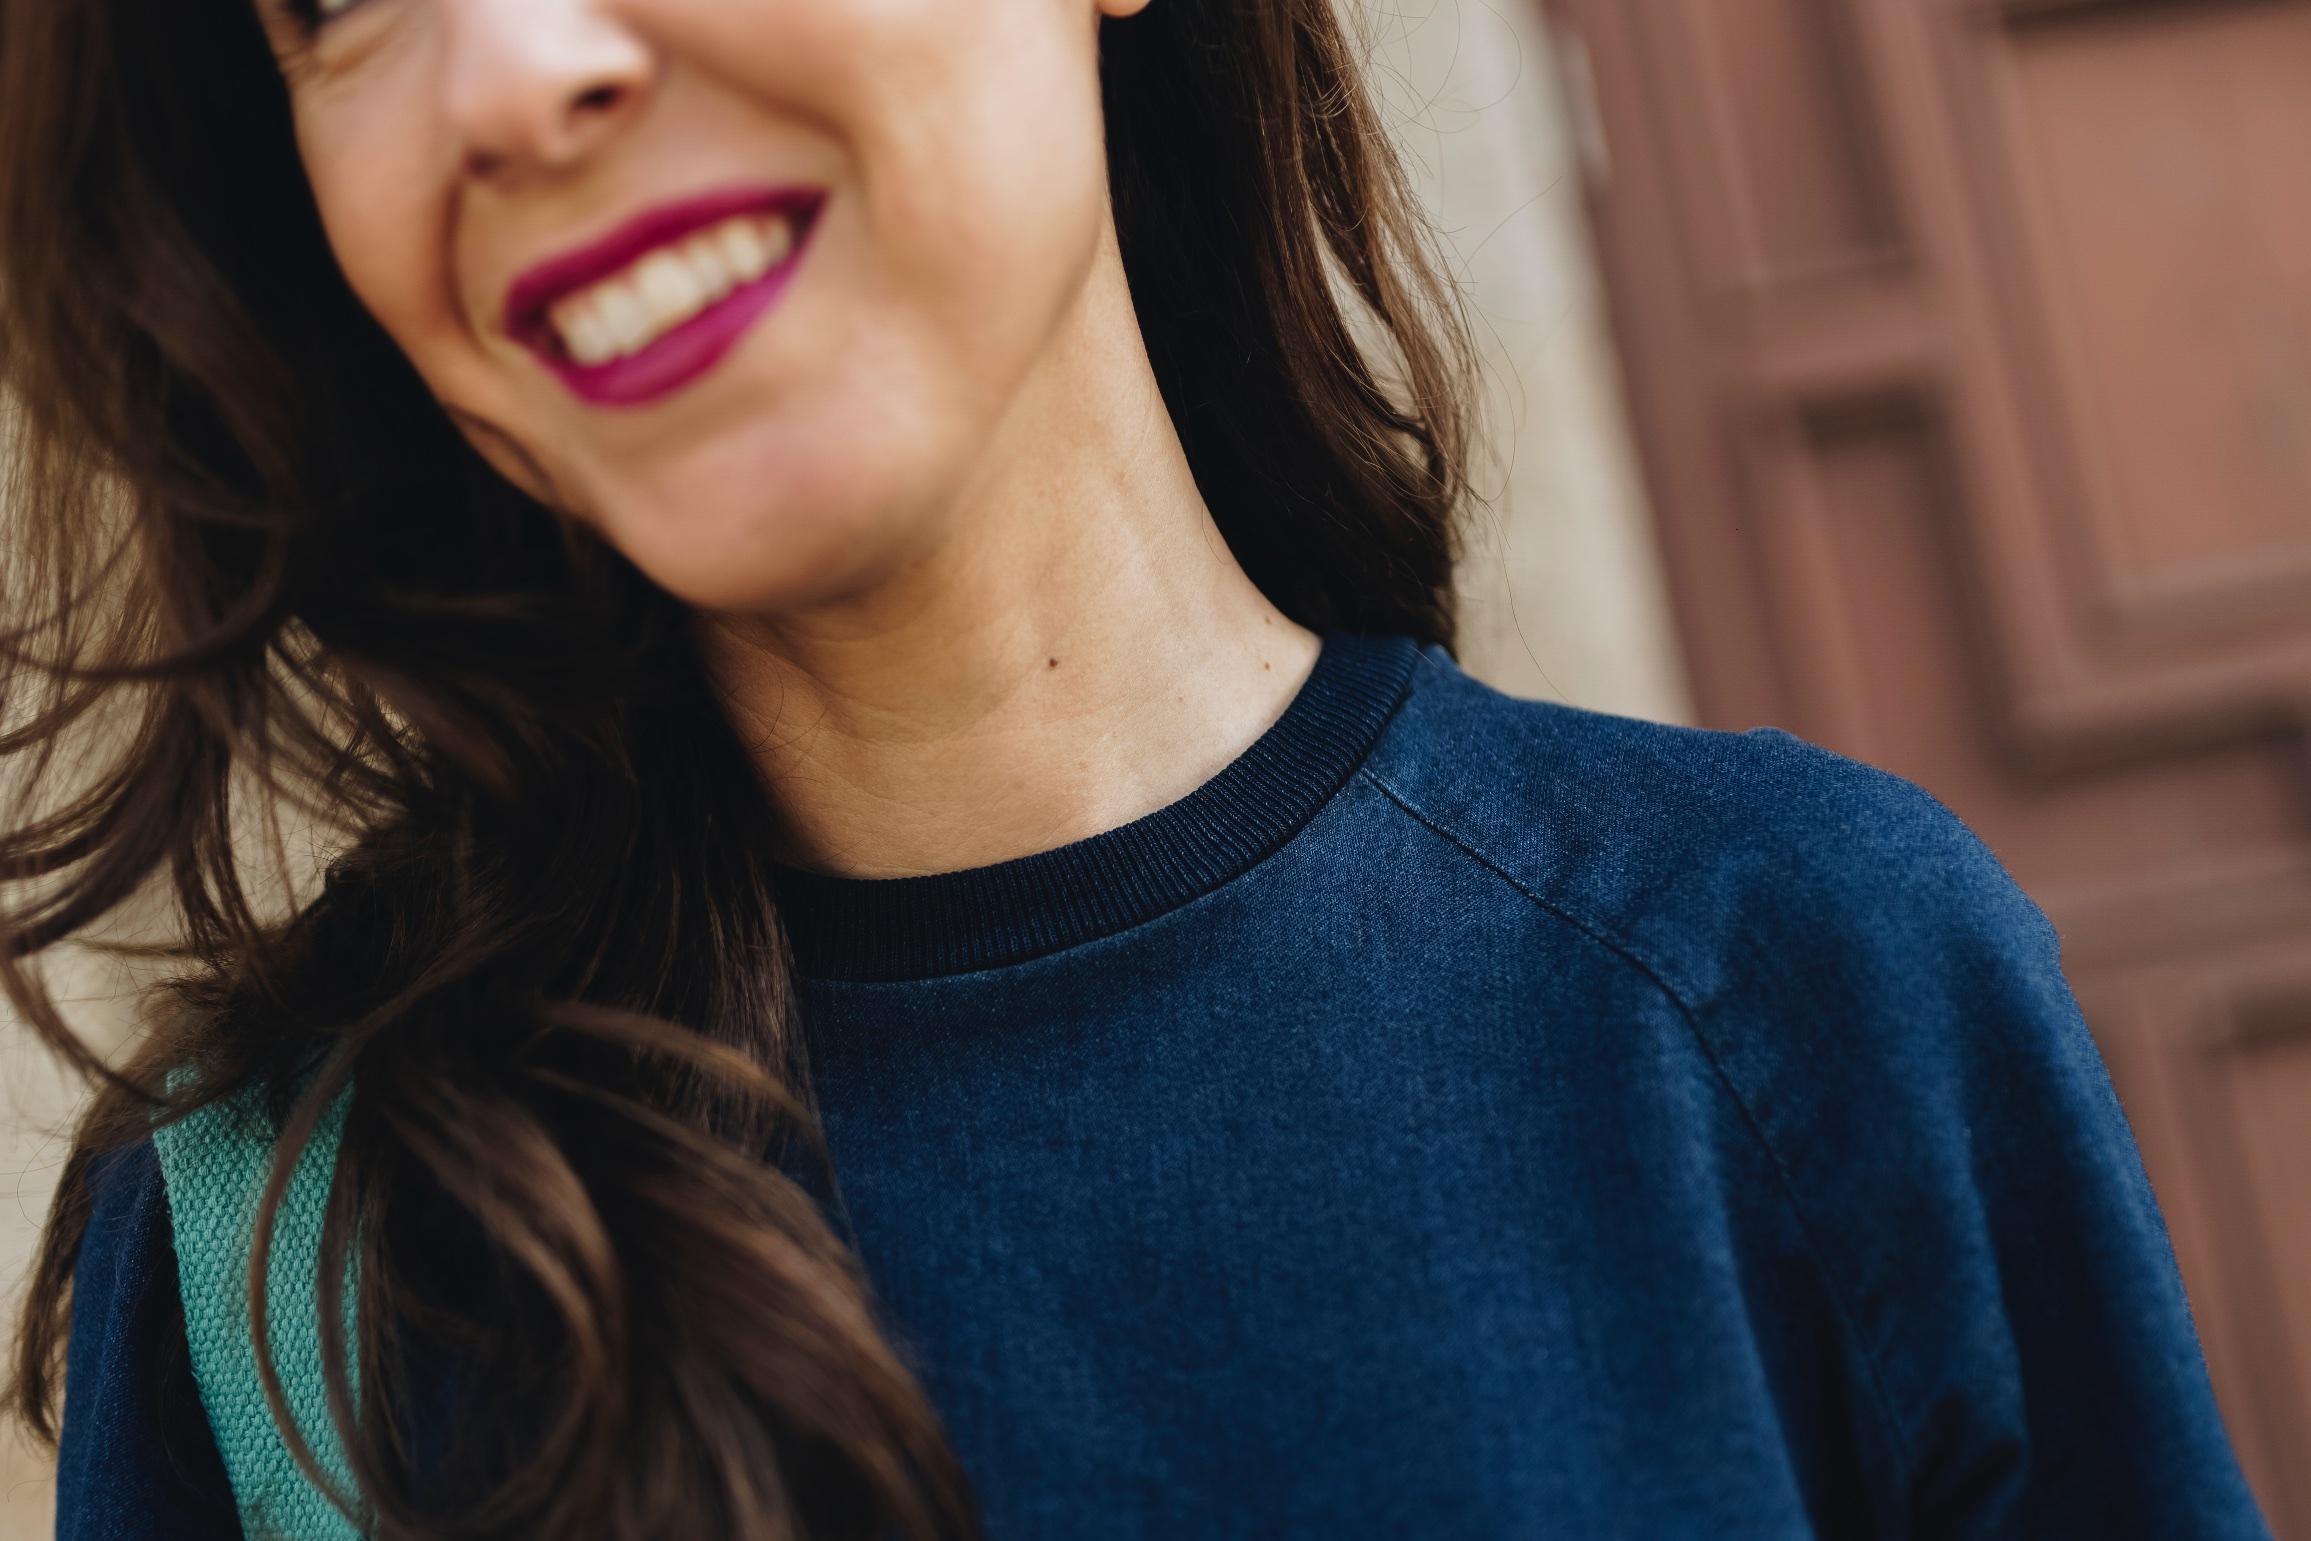 vestido vaquero-zara-fashion-blogger-coruña-descalzaporelparque-smile